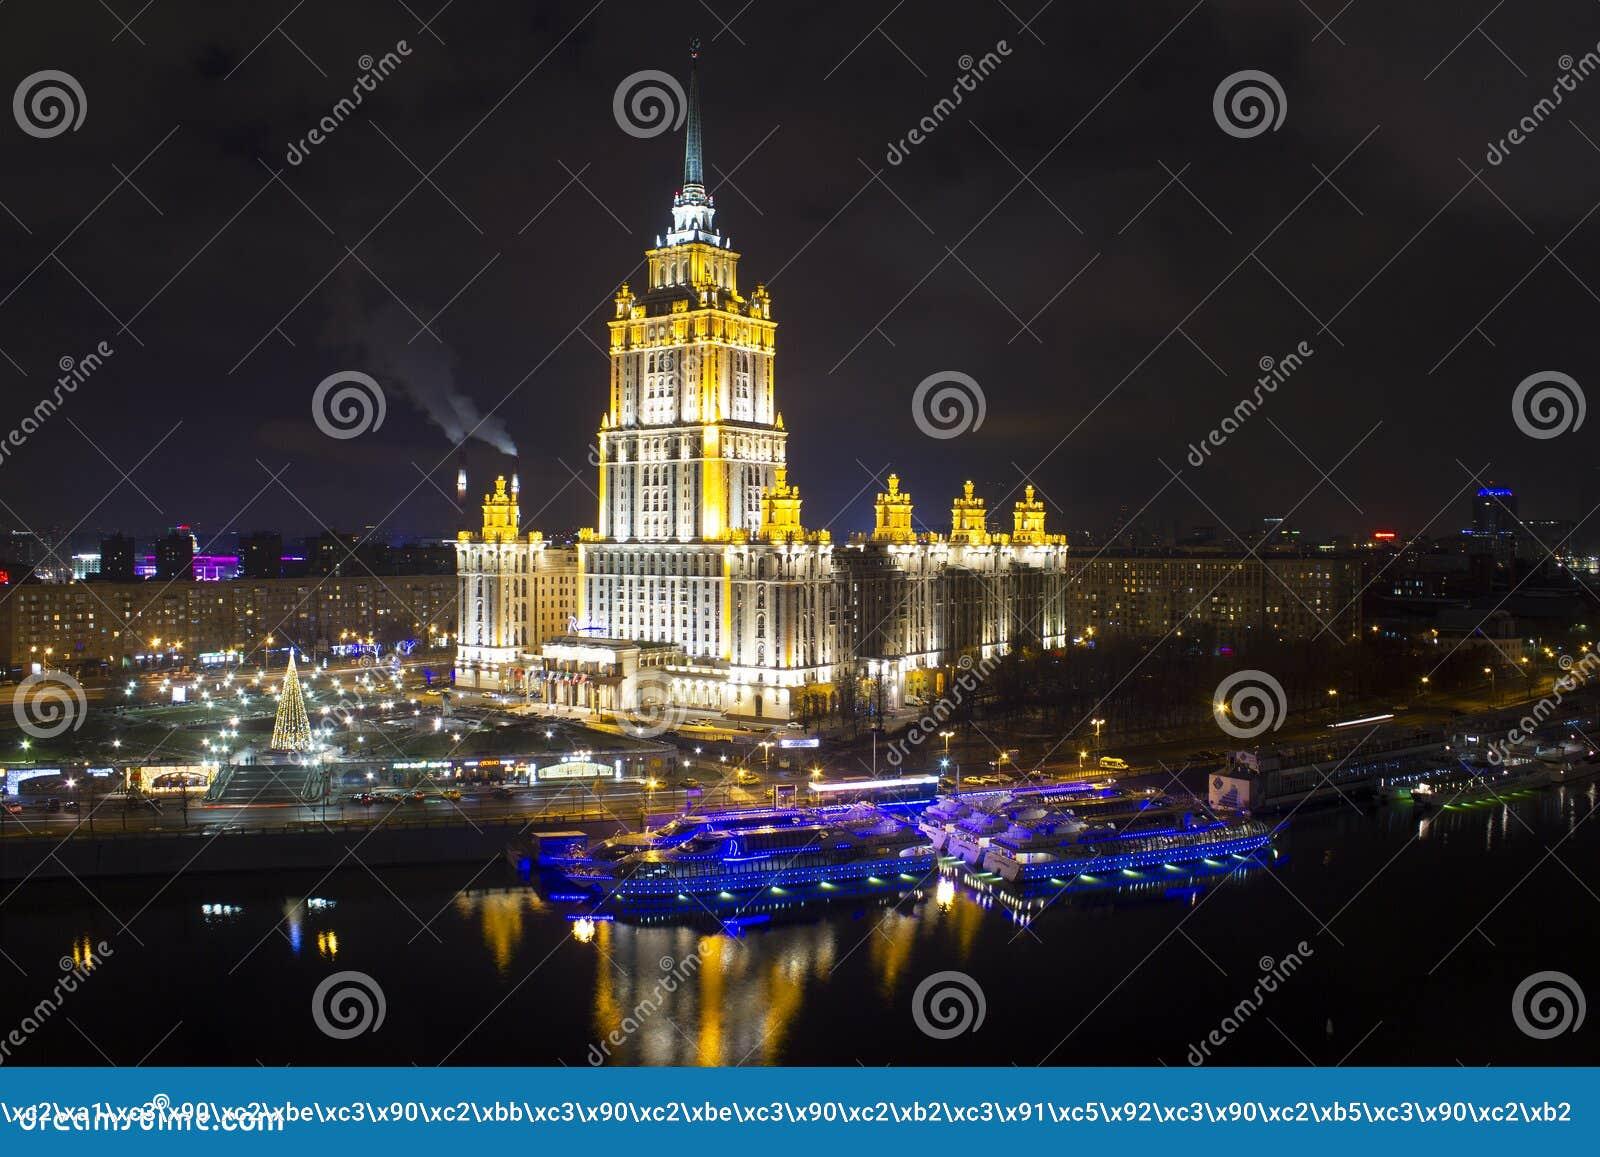 El paisaje urbano de las grandes ciudades y de sus distritos